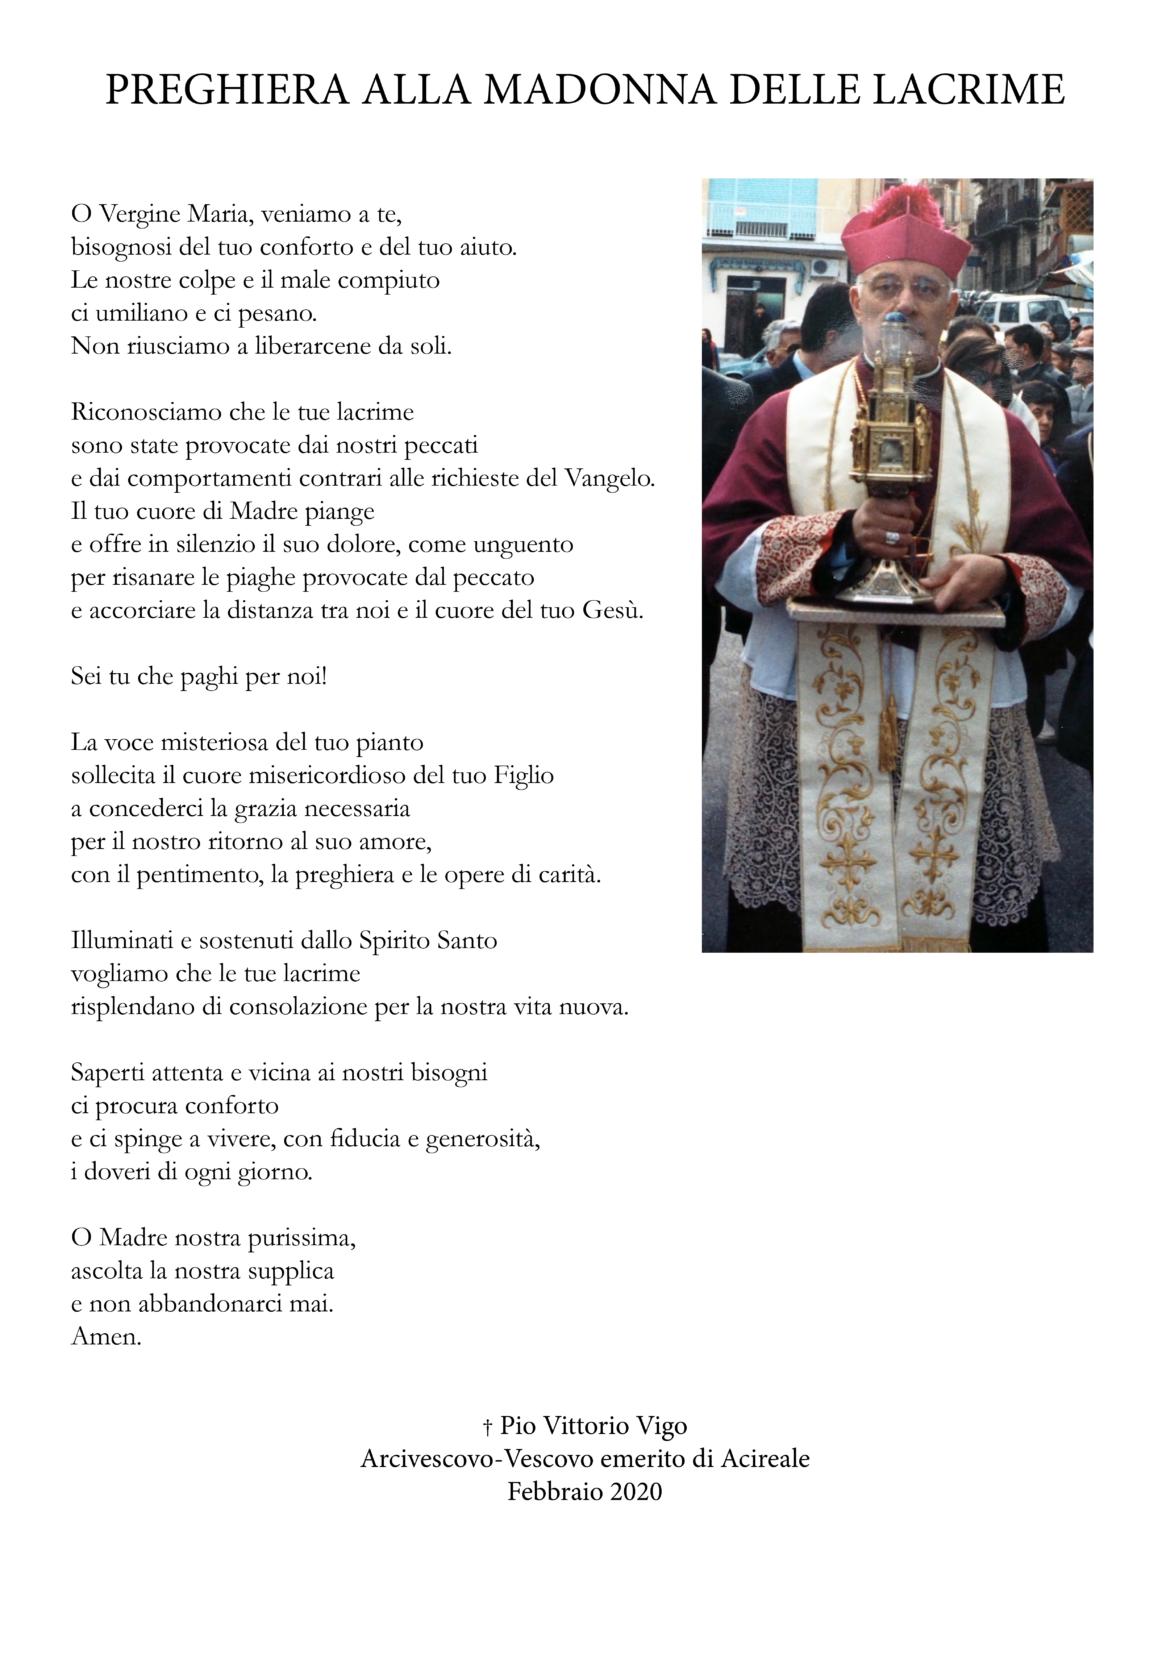 """Siracusa, Mons. Pio Vigo innamorato della Madonna delle Lacrime. Il Rettore don Aurelio Russo: """"Alla Vergine delle Lacrime ha dedicato le sue poesie"""""""